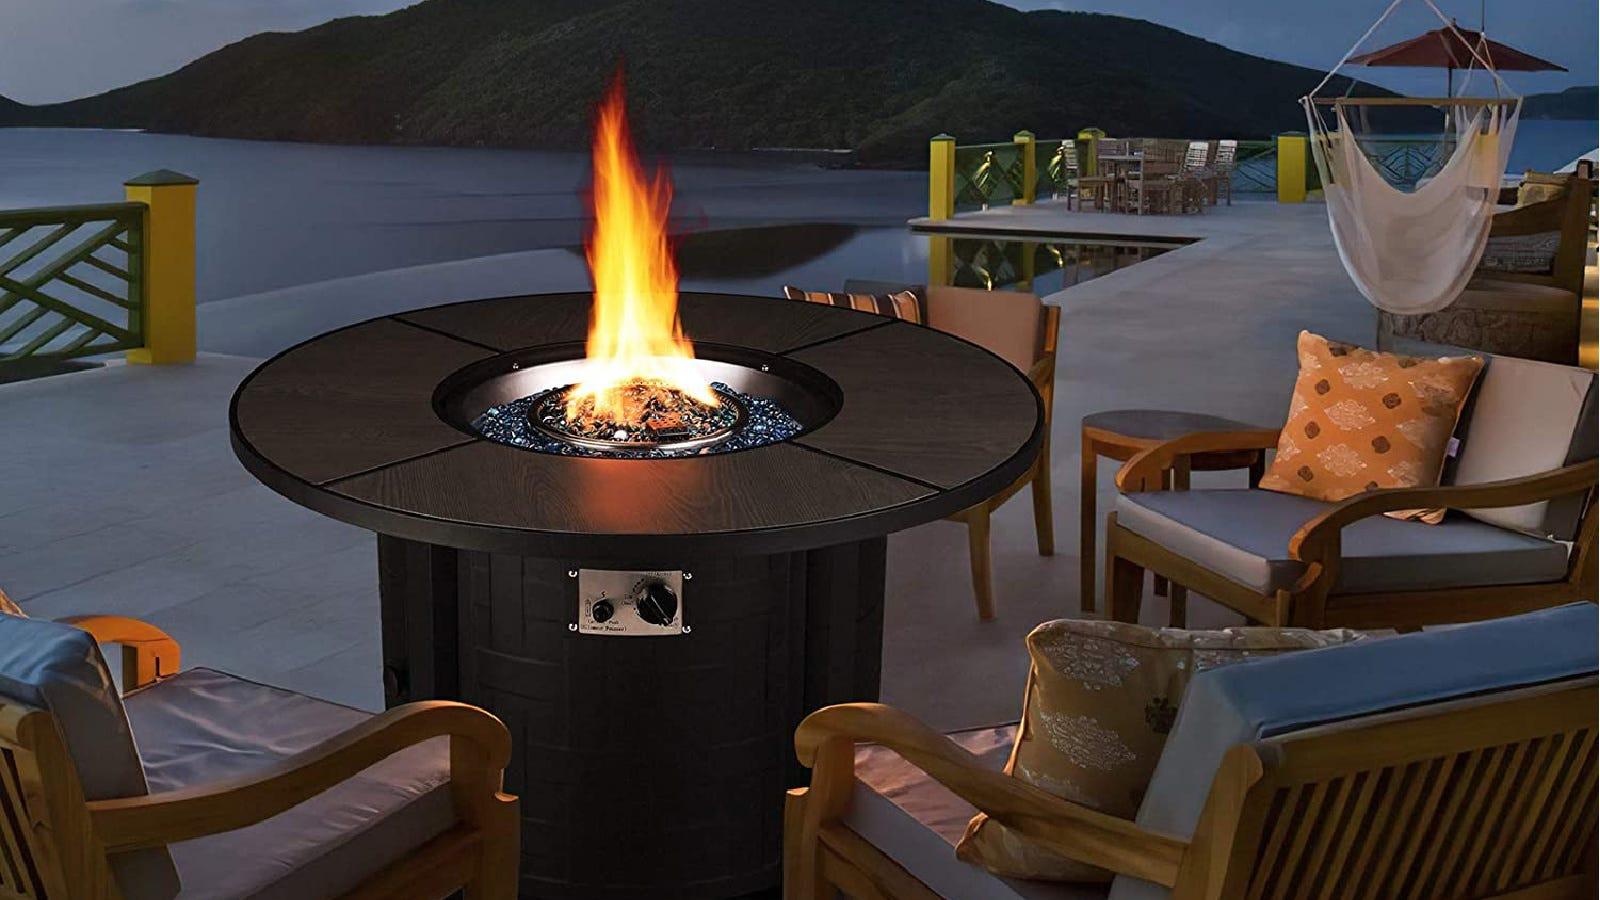 Uma mesa redonda para fogueira, com uma chama acesa em uma noite quente com a lua brilhando levemente sobre um lindo cenário ao ar livre, cercado por cadeiras de pátio.